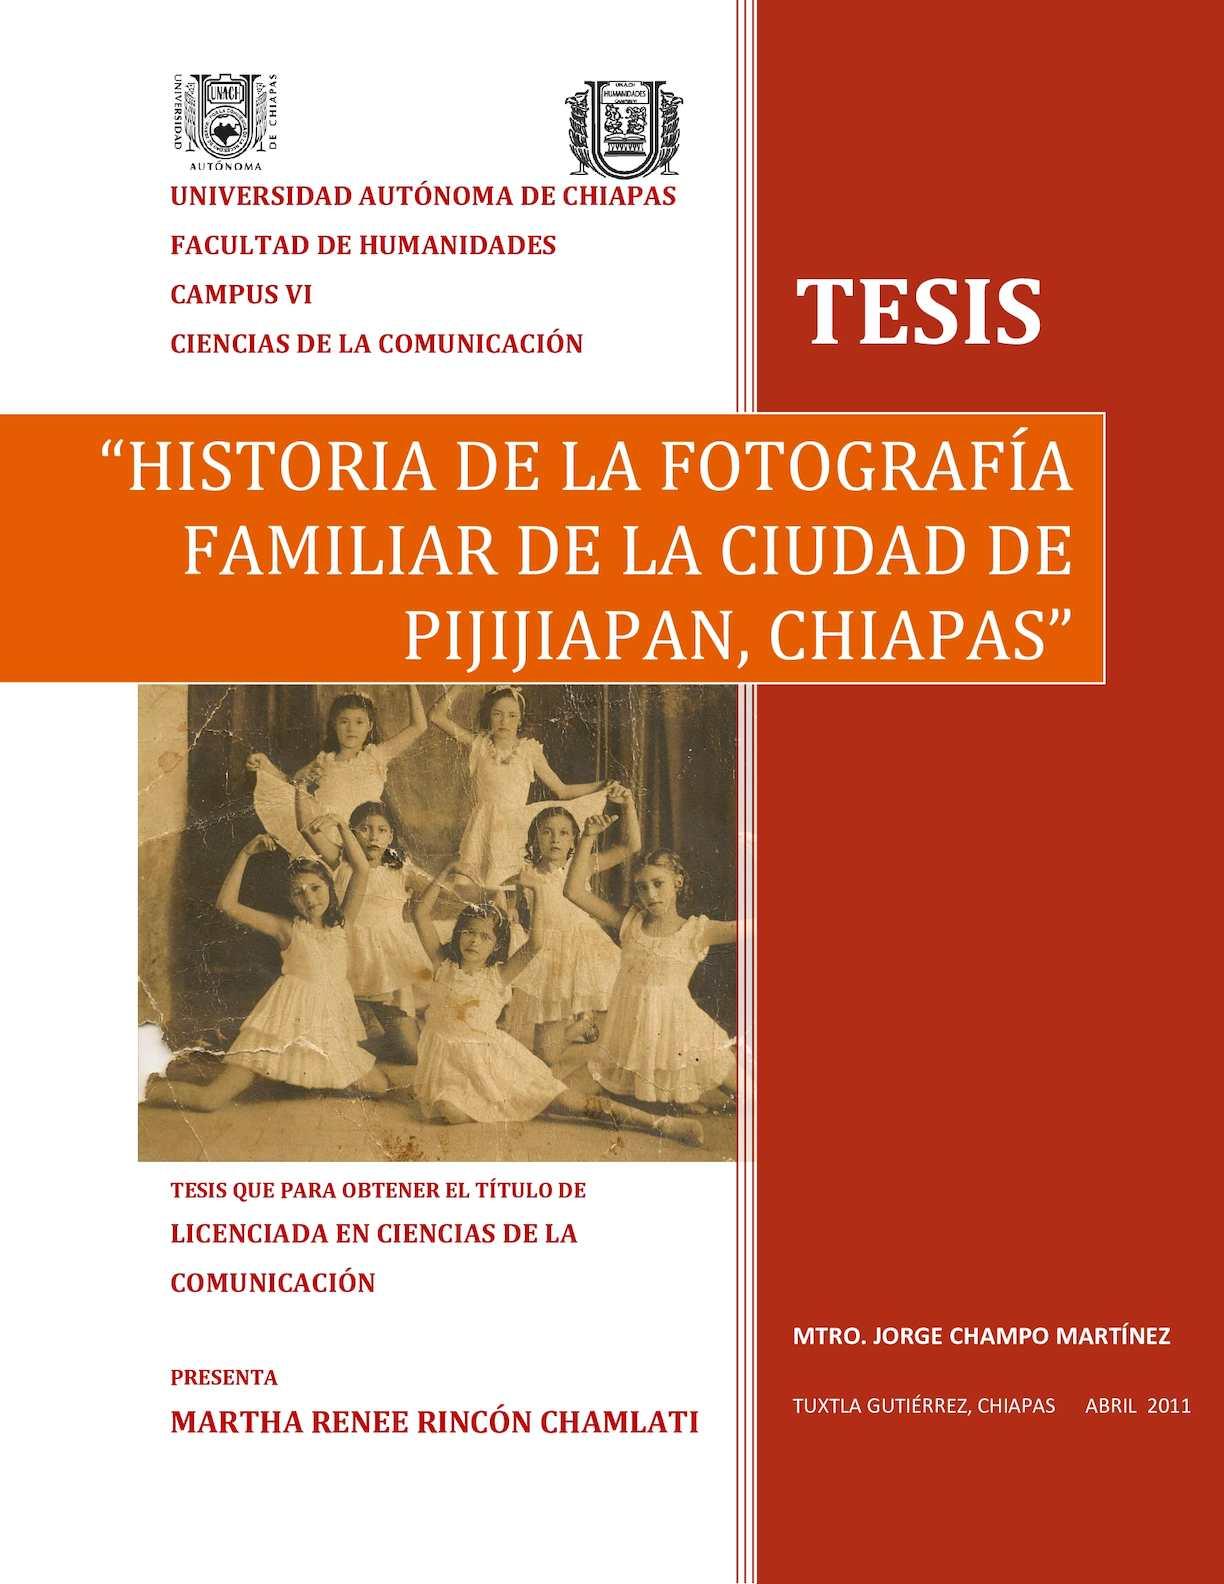 Tesis Historia De La Fotografia Familiar De La Ciudad De Pijijiapan Chiapas